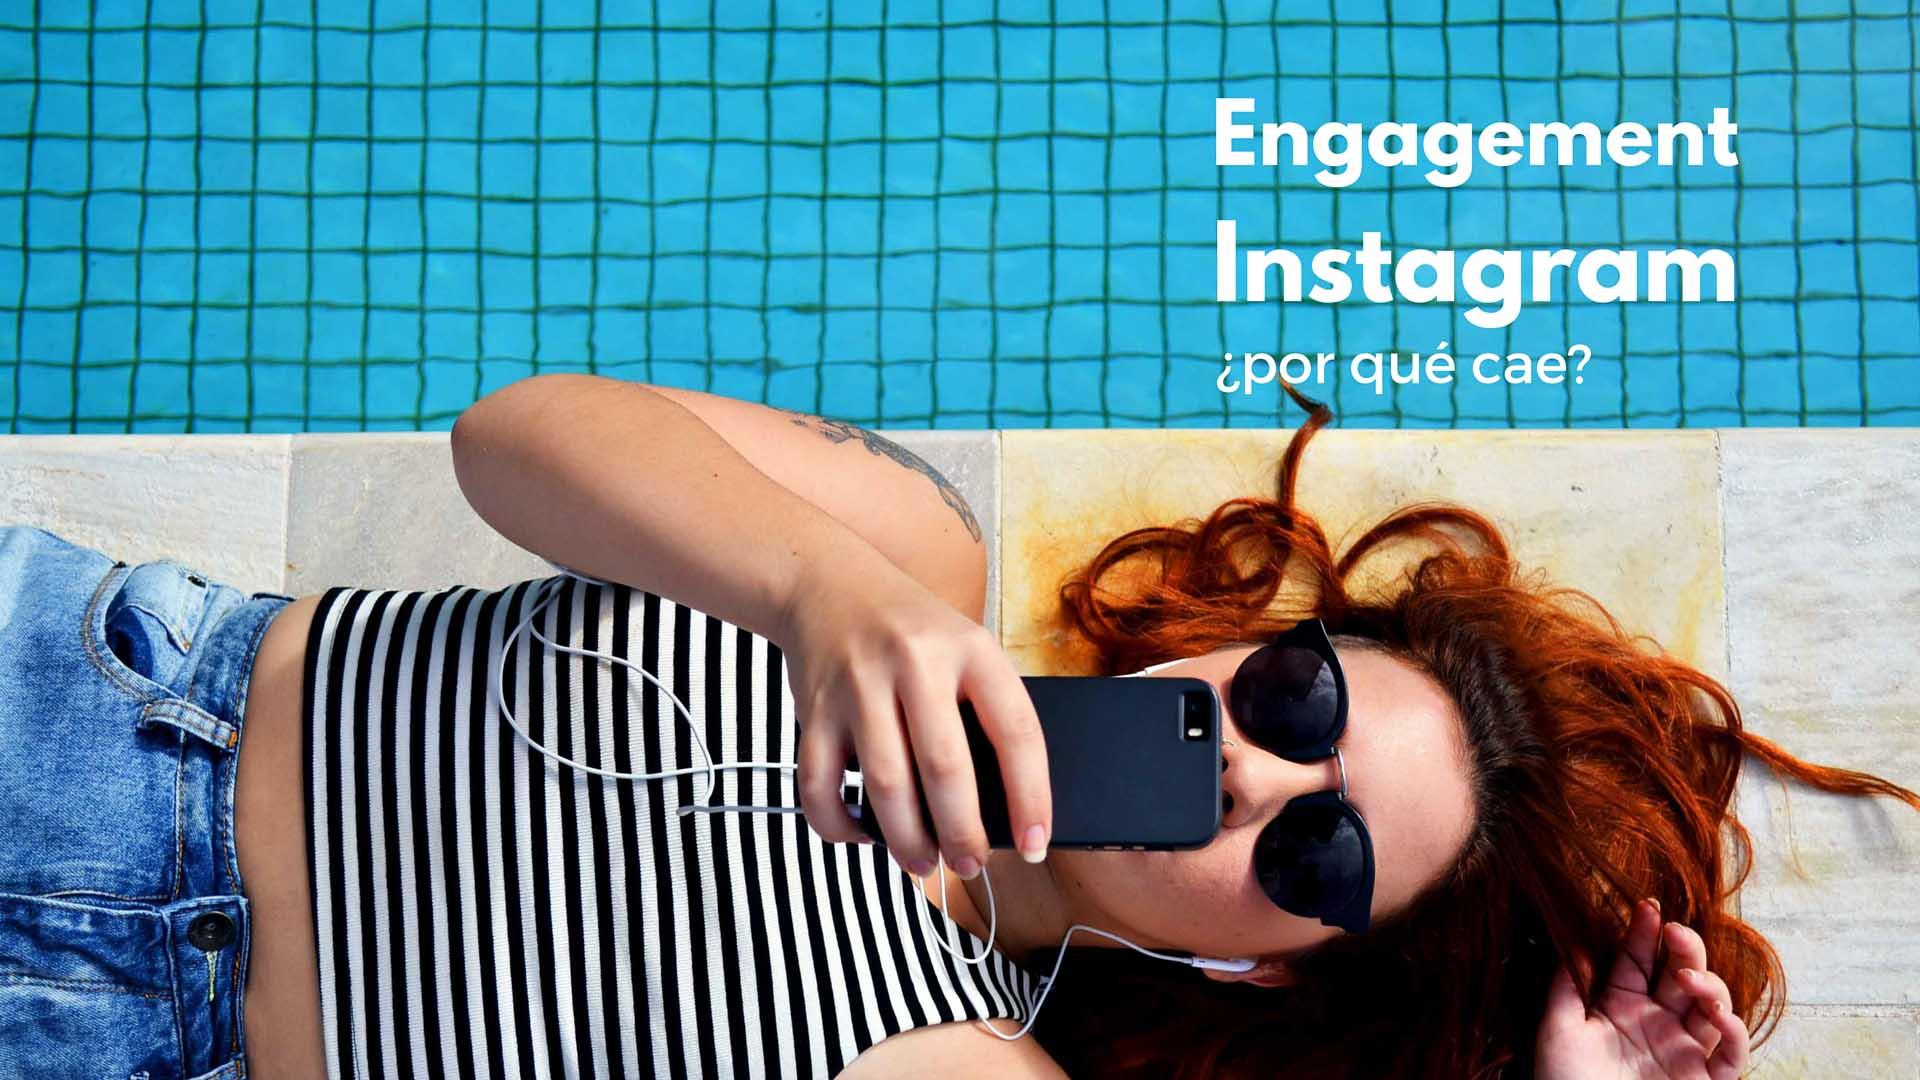 Engagement en Instagram: por qué cae y cómo evitarlo